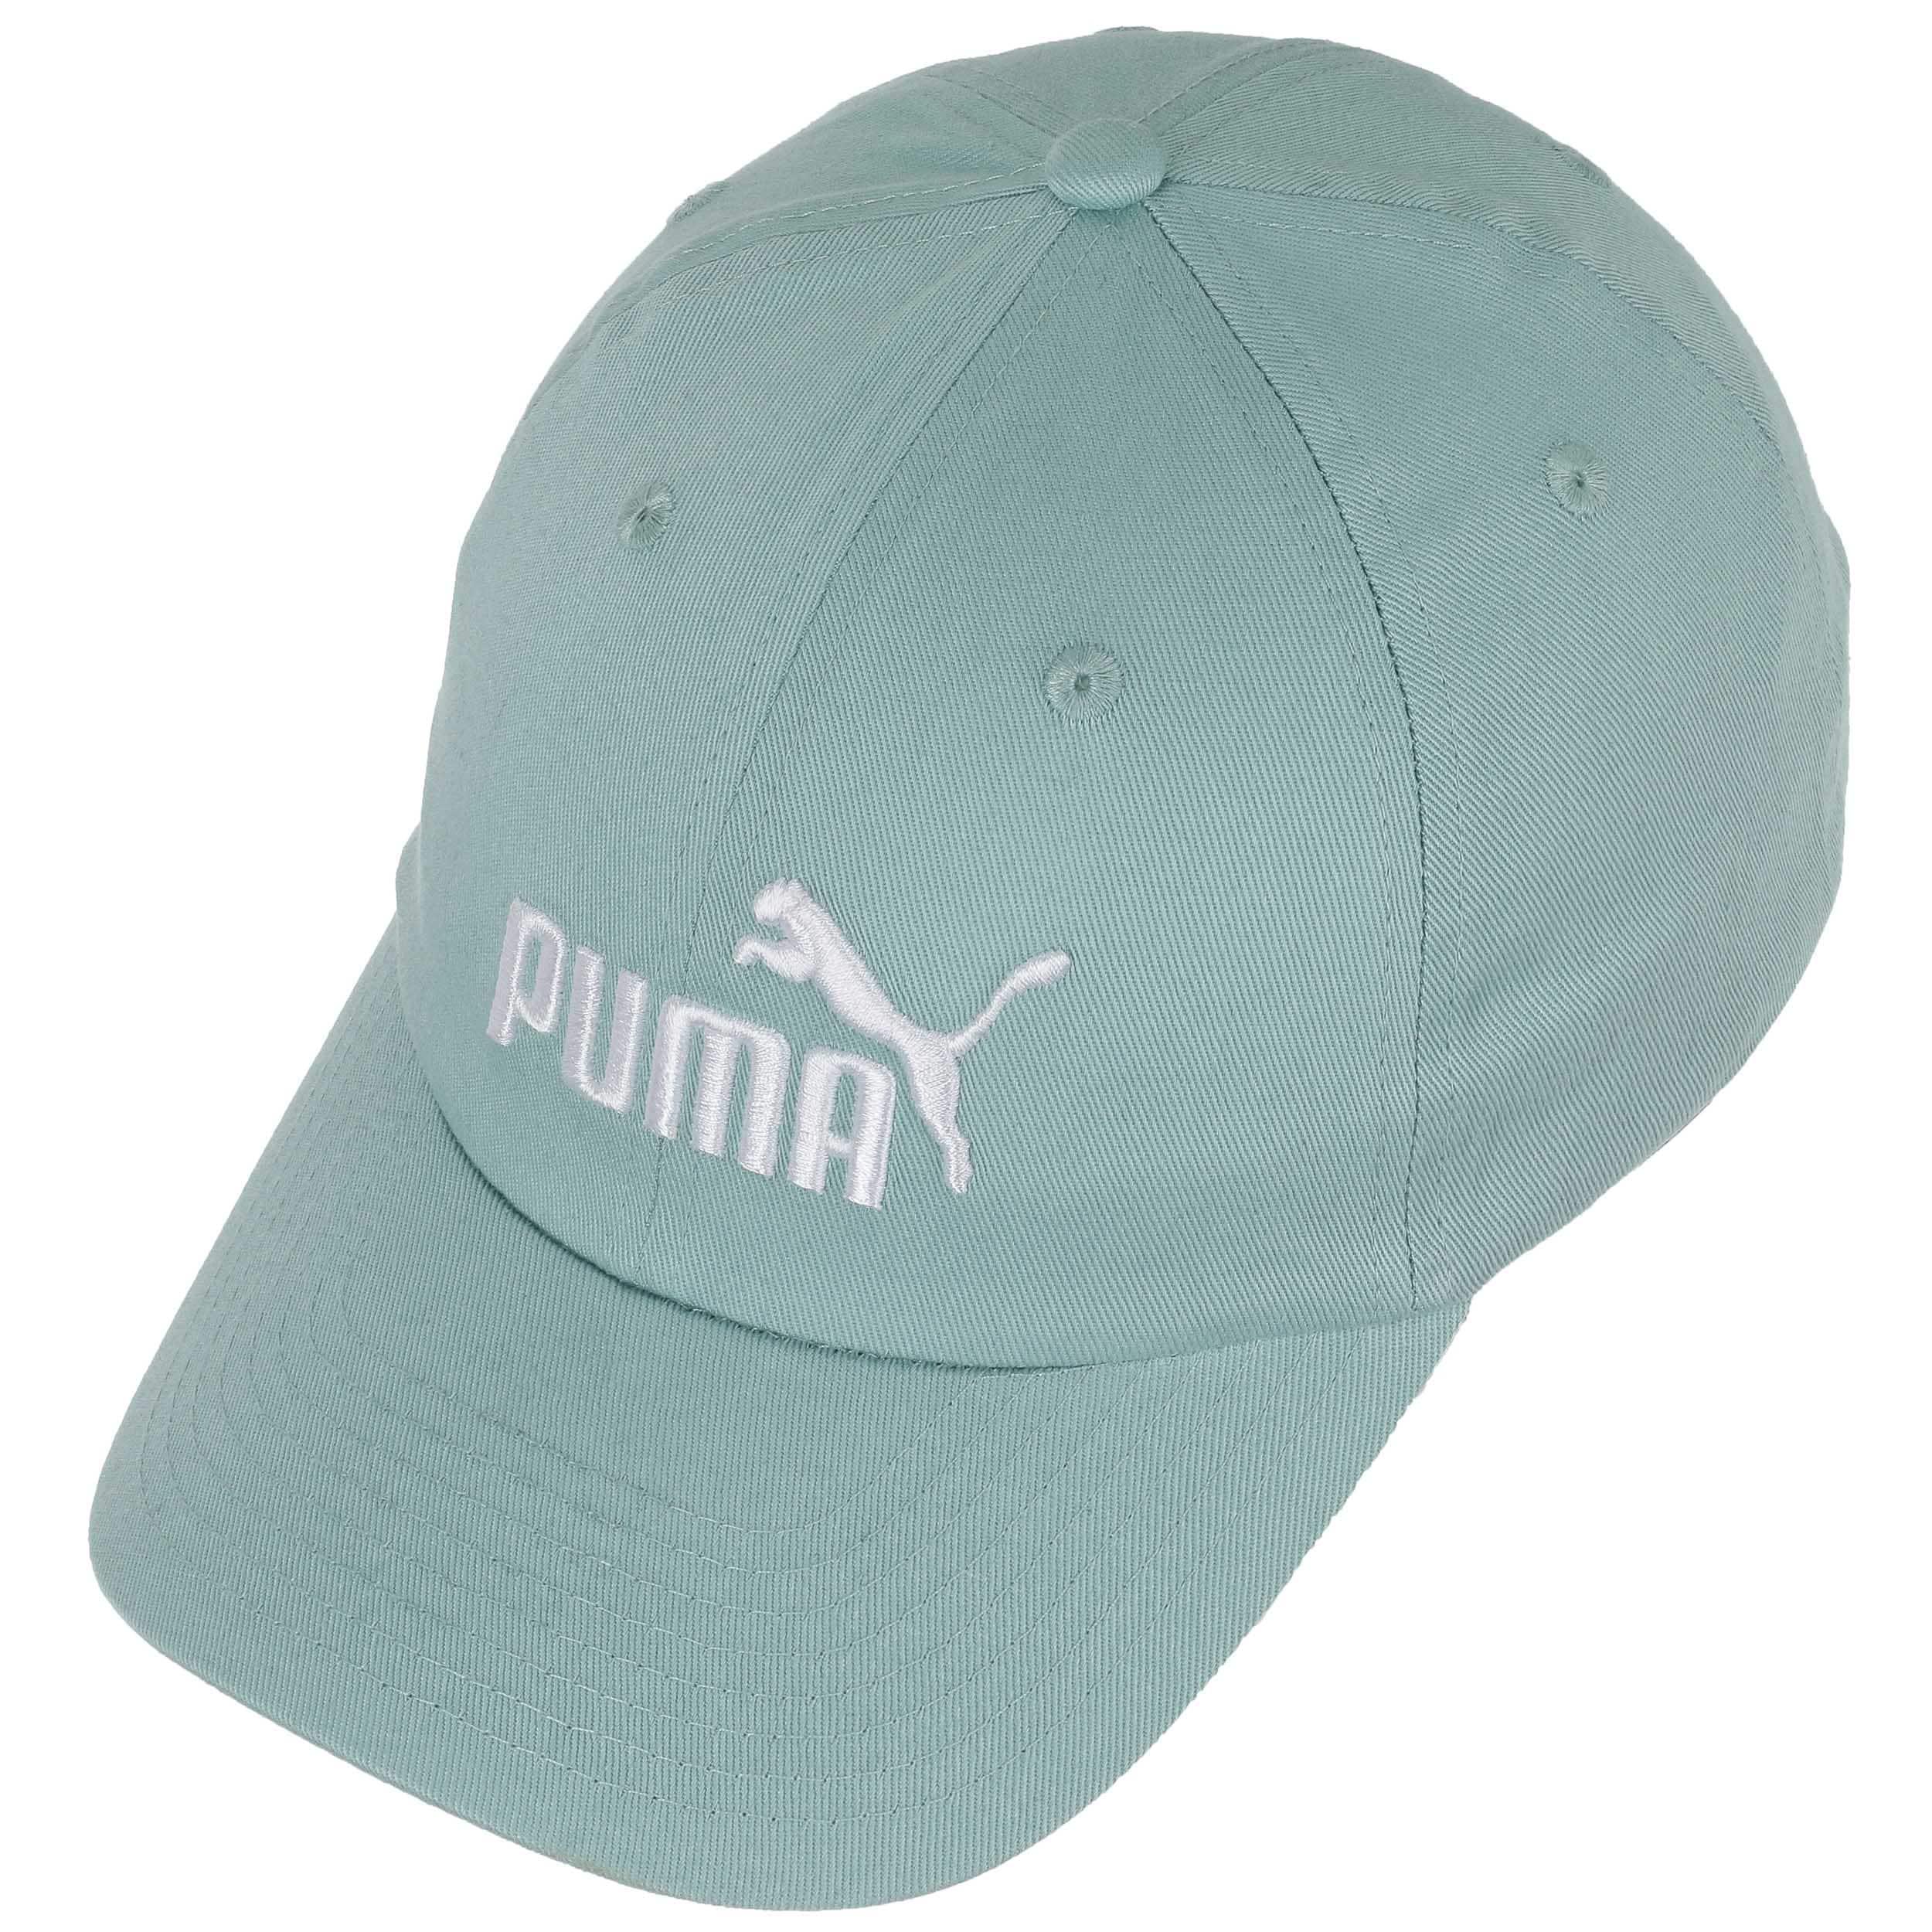 ... Big Cat Ess Junior Cap by PUMA - turquoise 1 ... d9f540ffb99